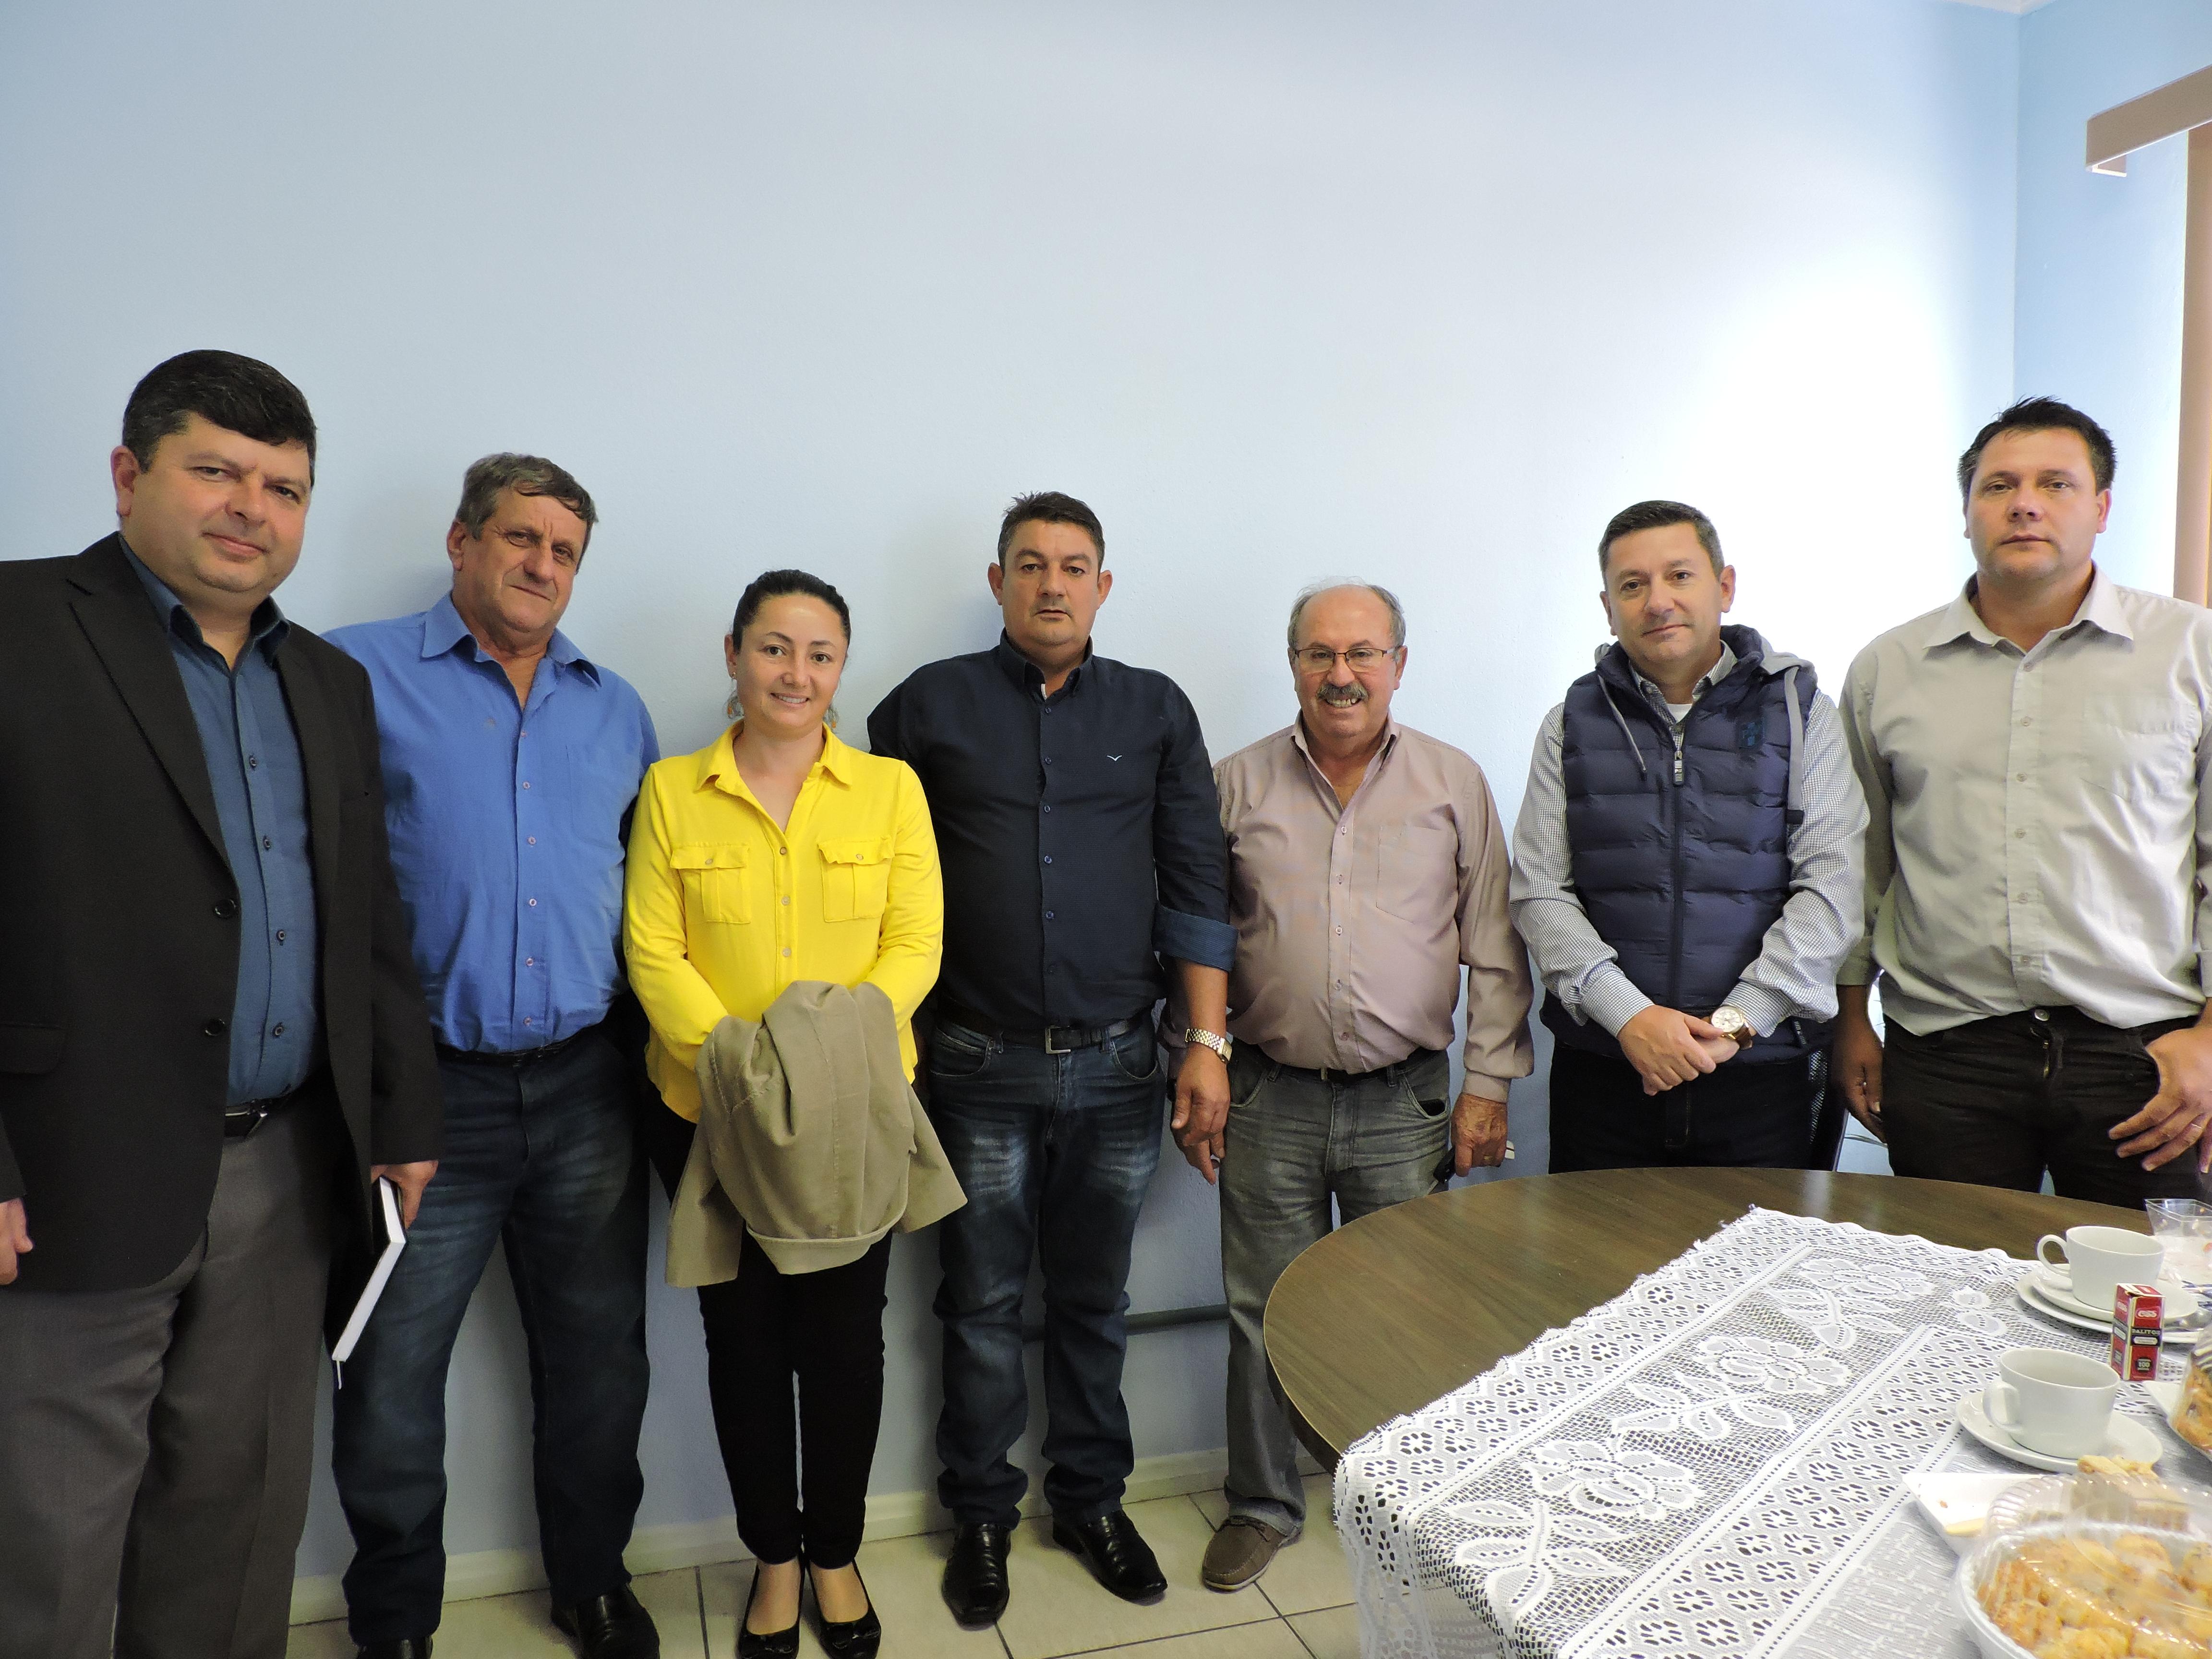 Vereadores recebem visita do Prefeito Municipal para discutir melhorias para o município